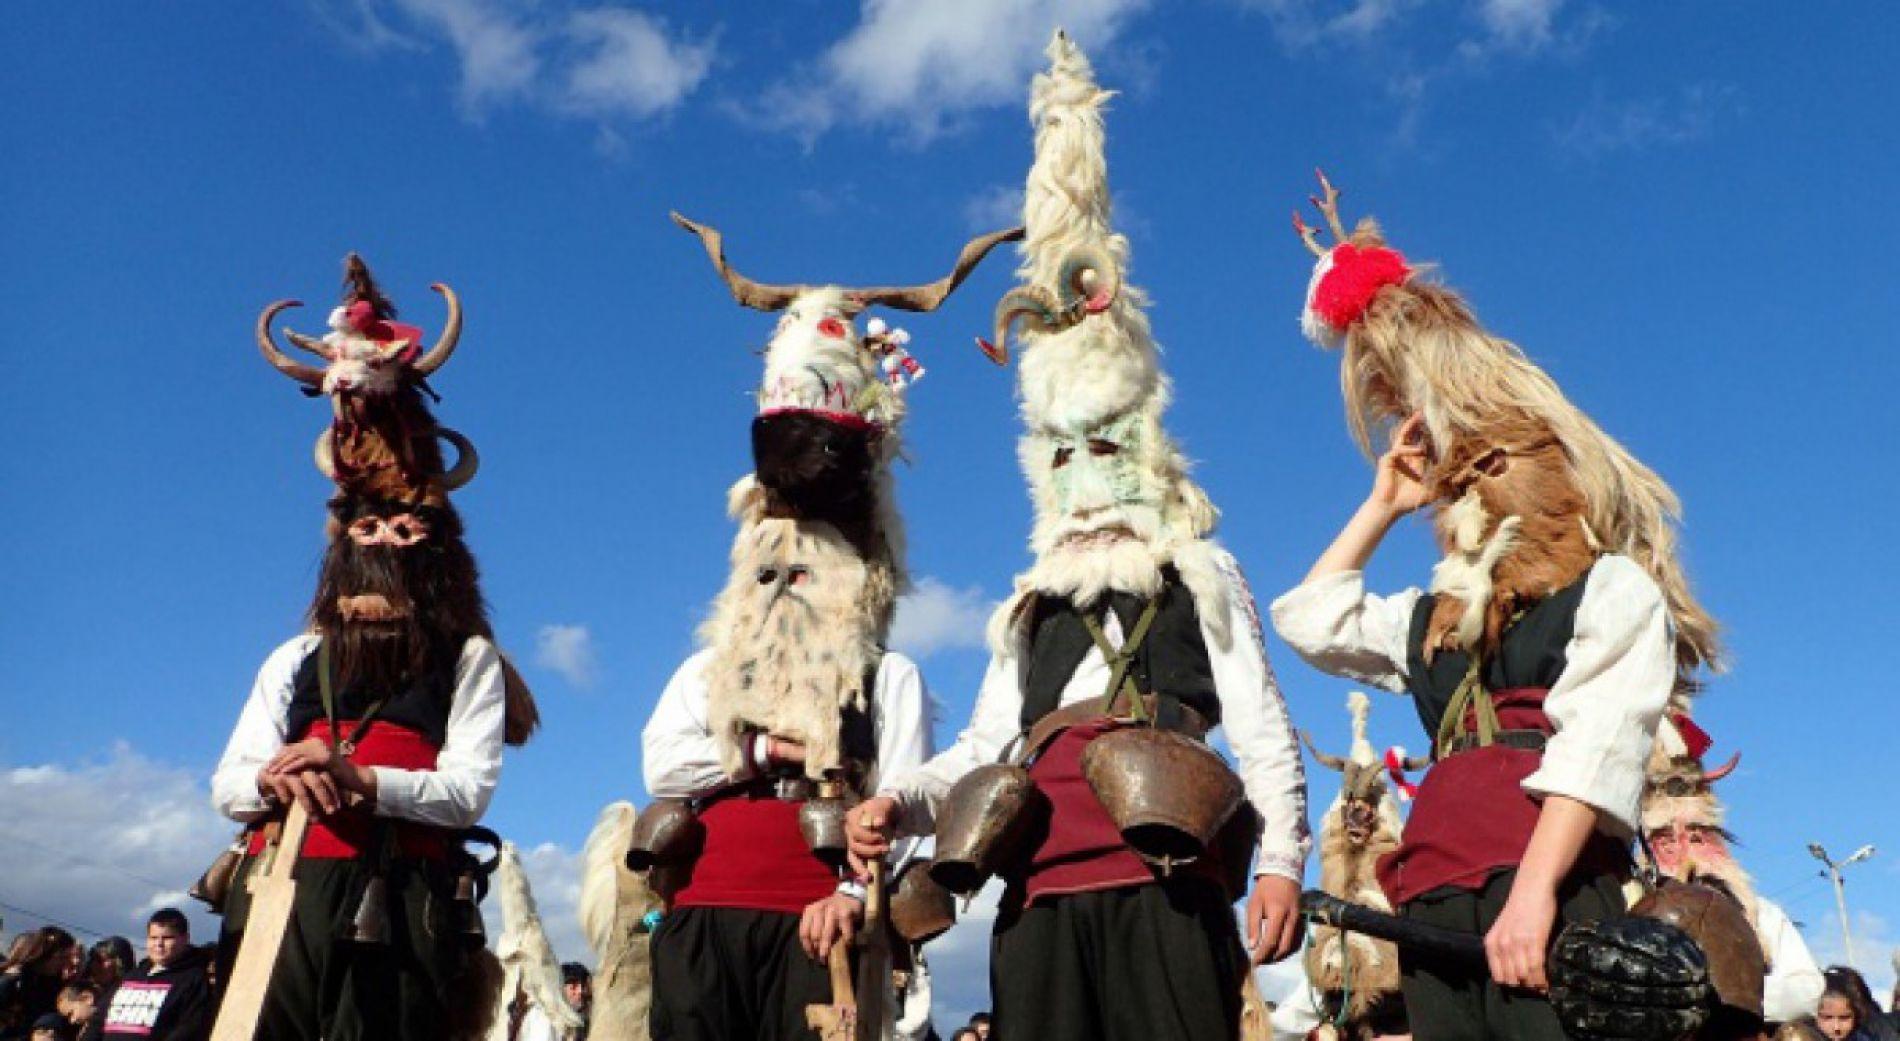 В Банско пройдет Новогодний Кукерский праздник